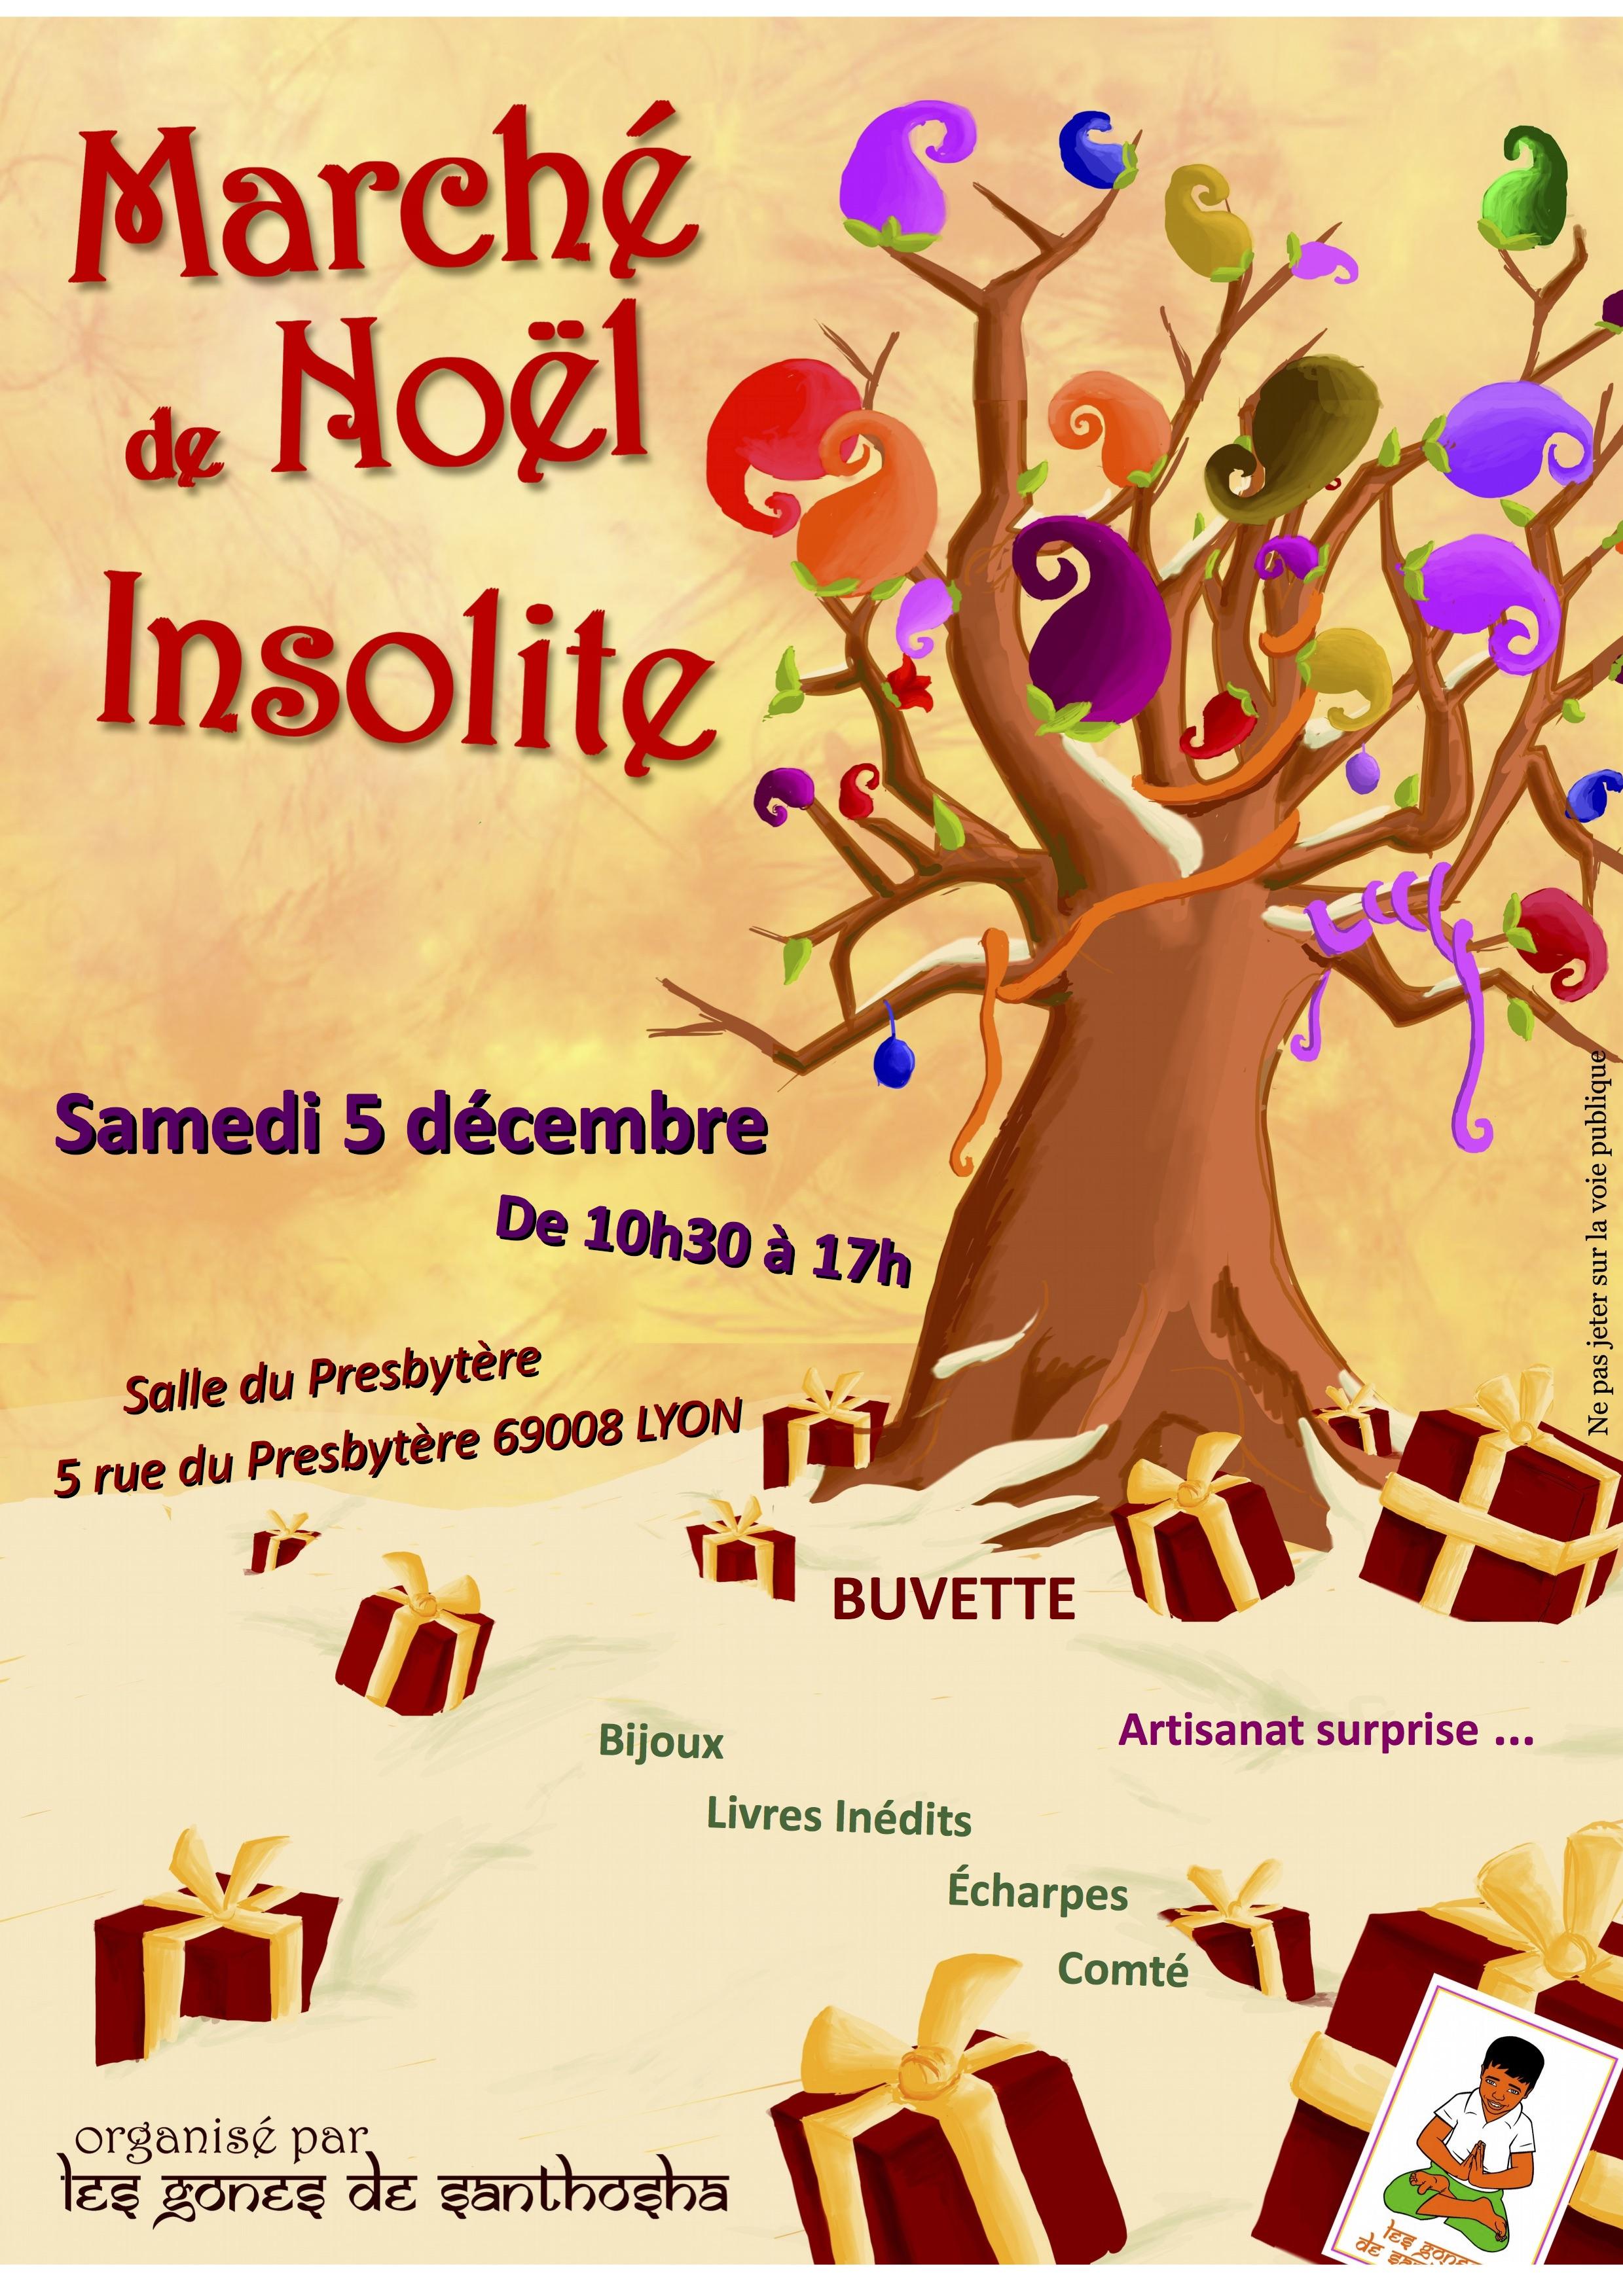 Marché de Noël insolite avec l'association Les Gones de Santhosha